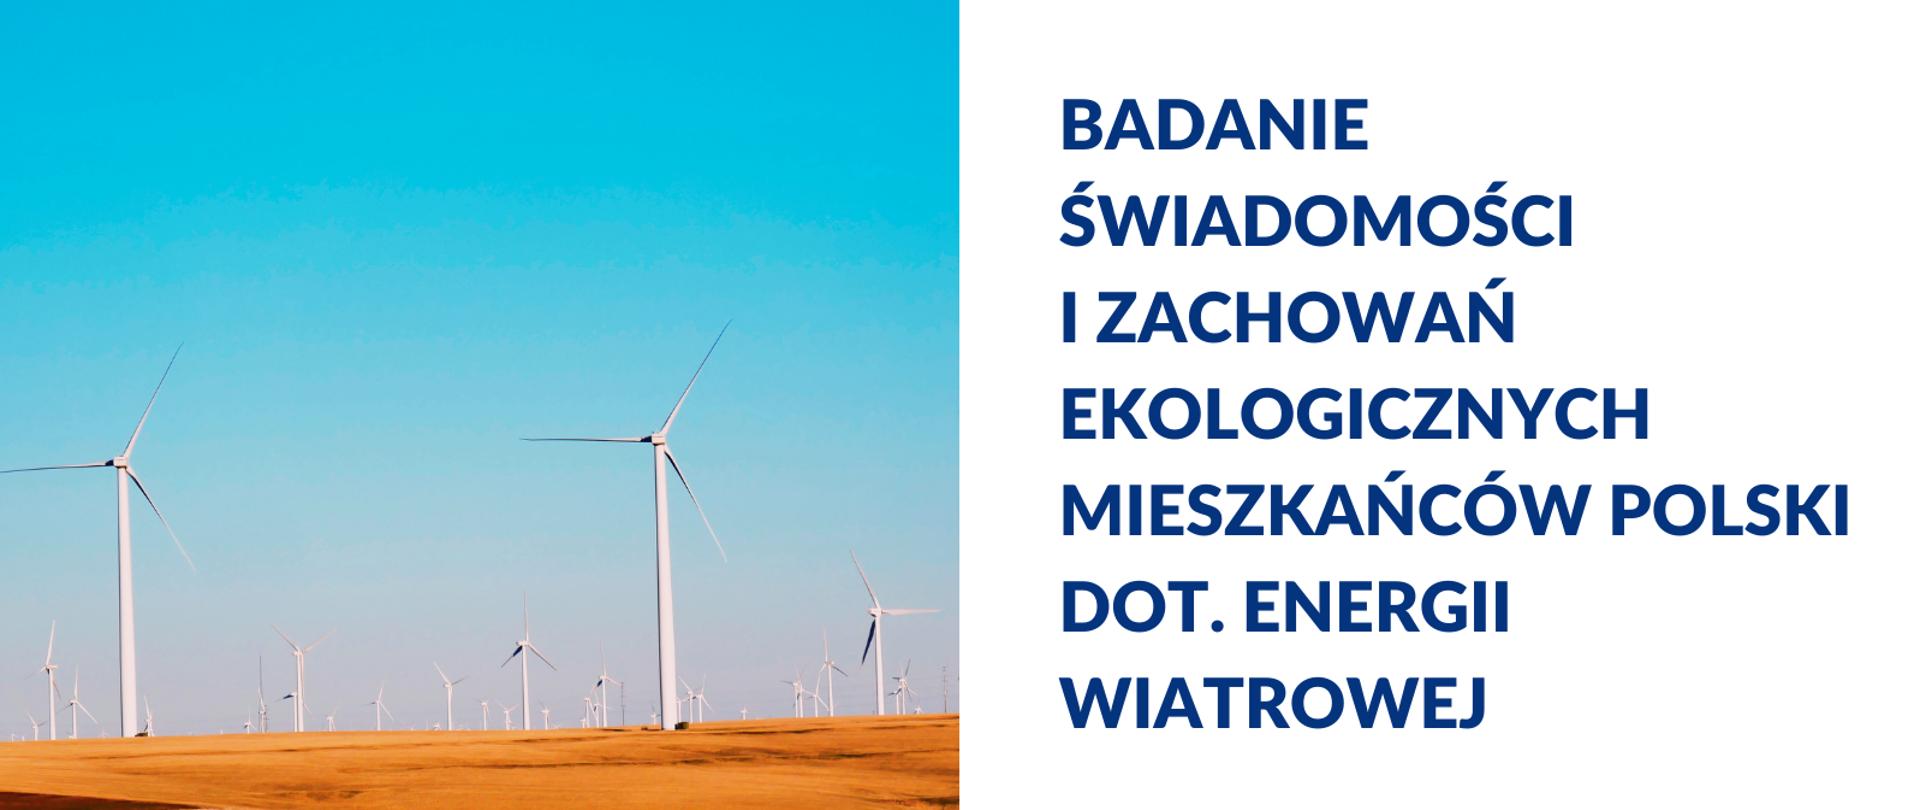 Co mieszkańcy Polski sądzą o energetyce wiatrowej